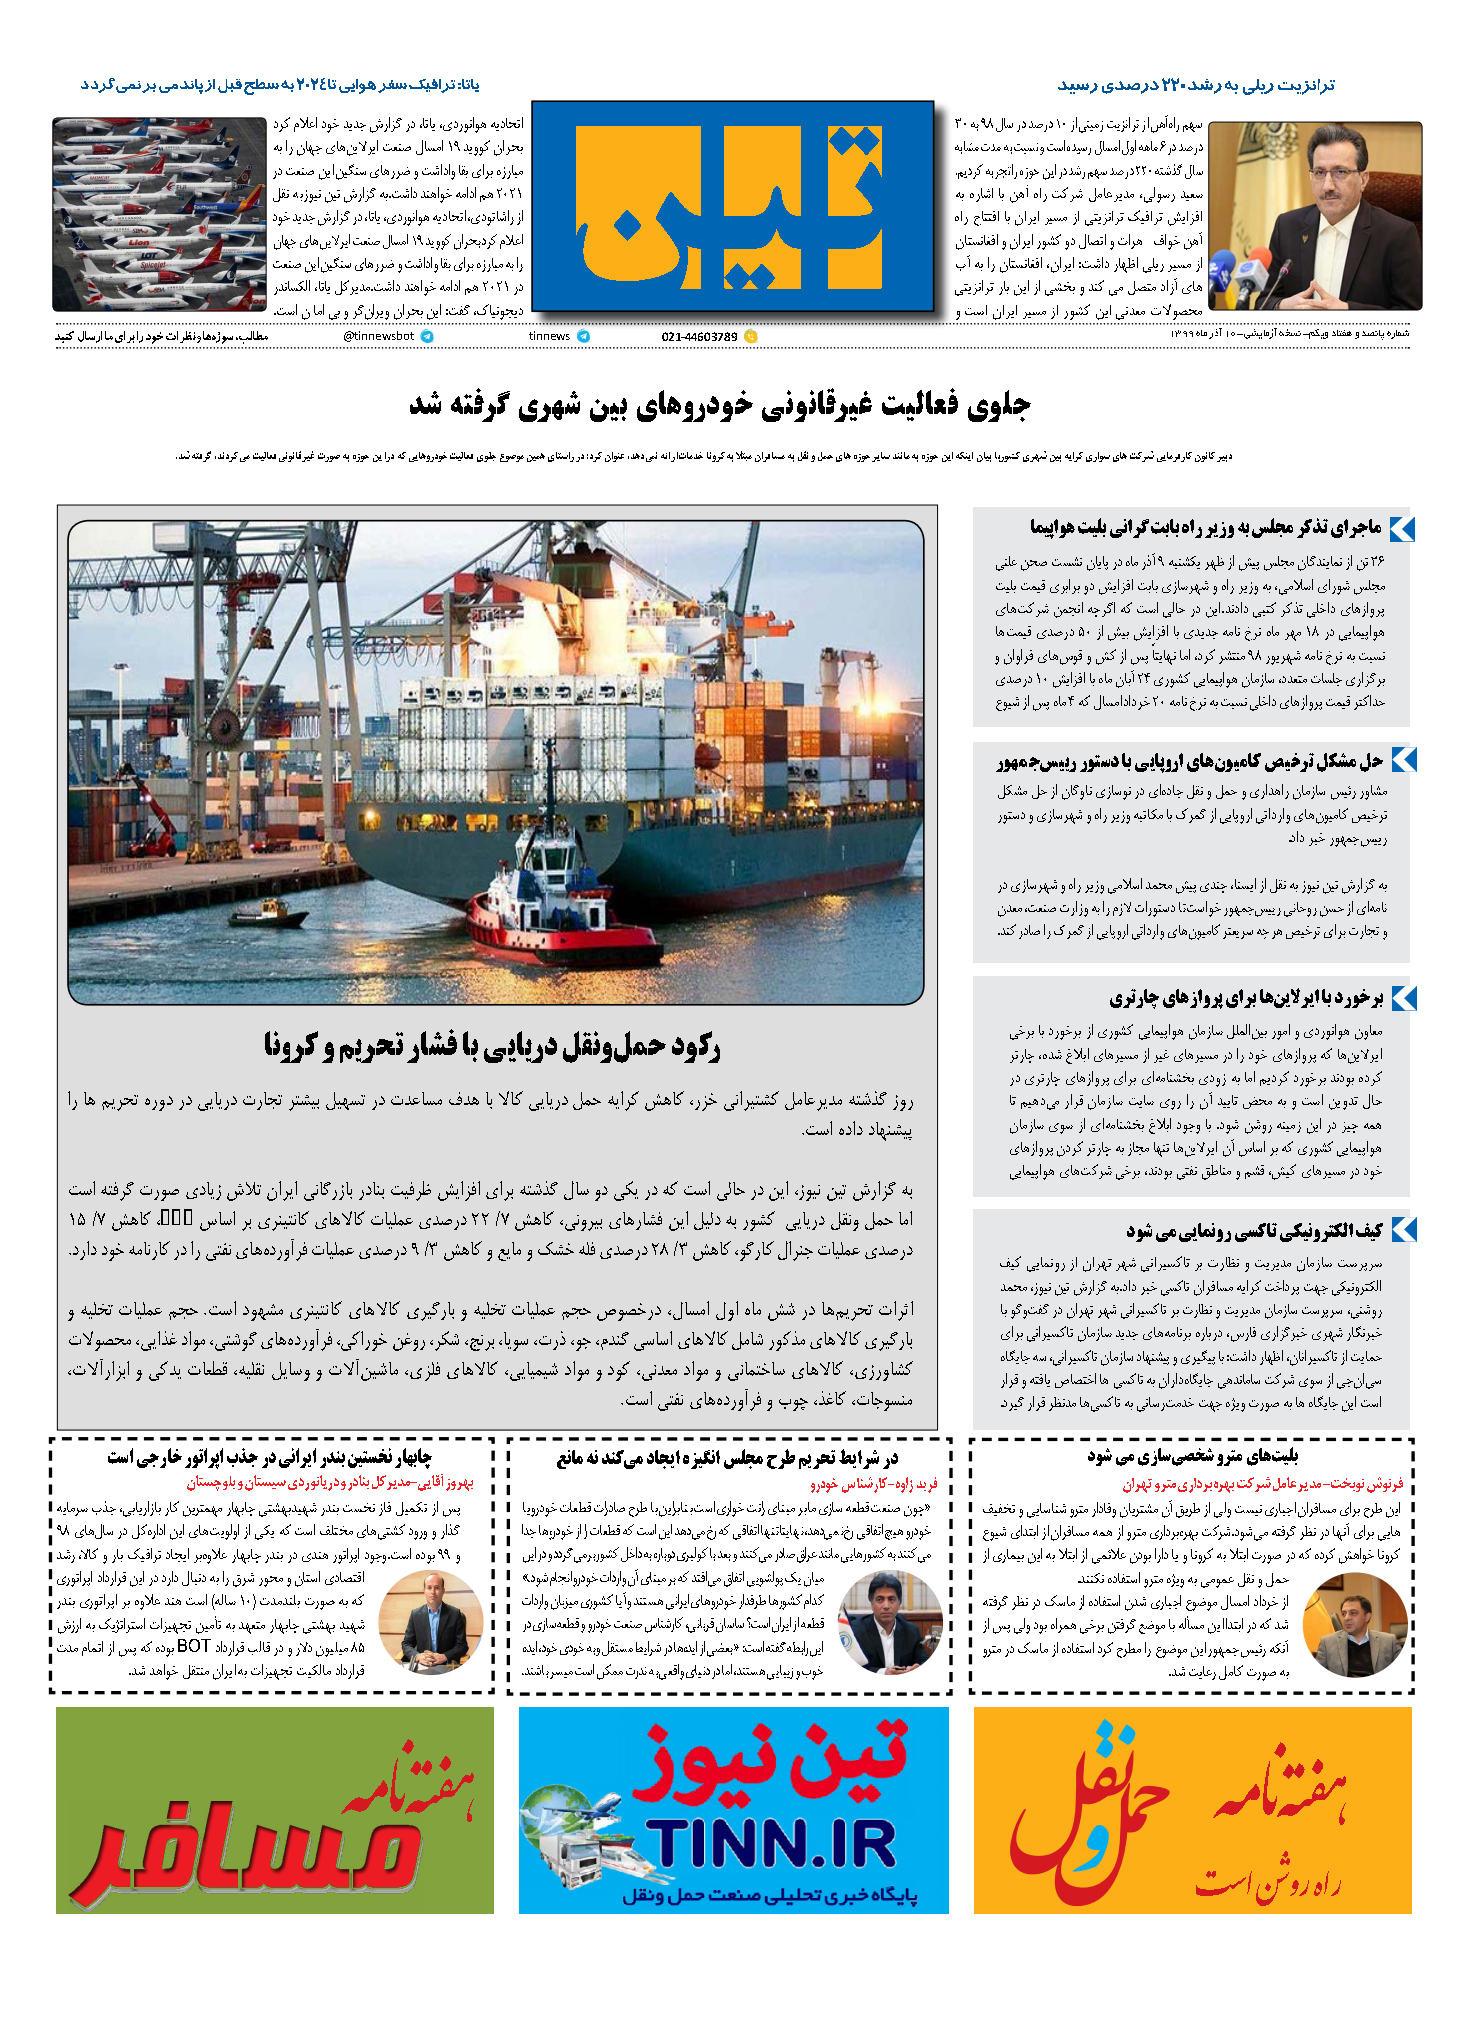 روزنامه الکترونیک 10 آذر ماه 99